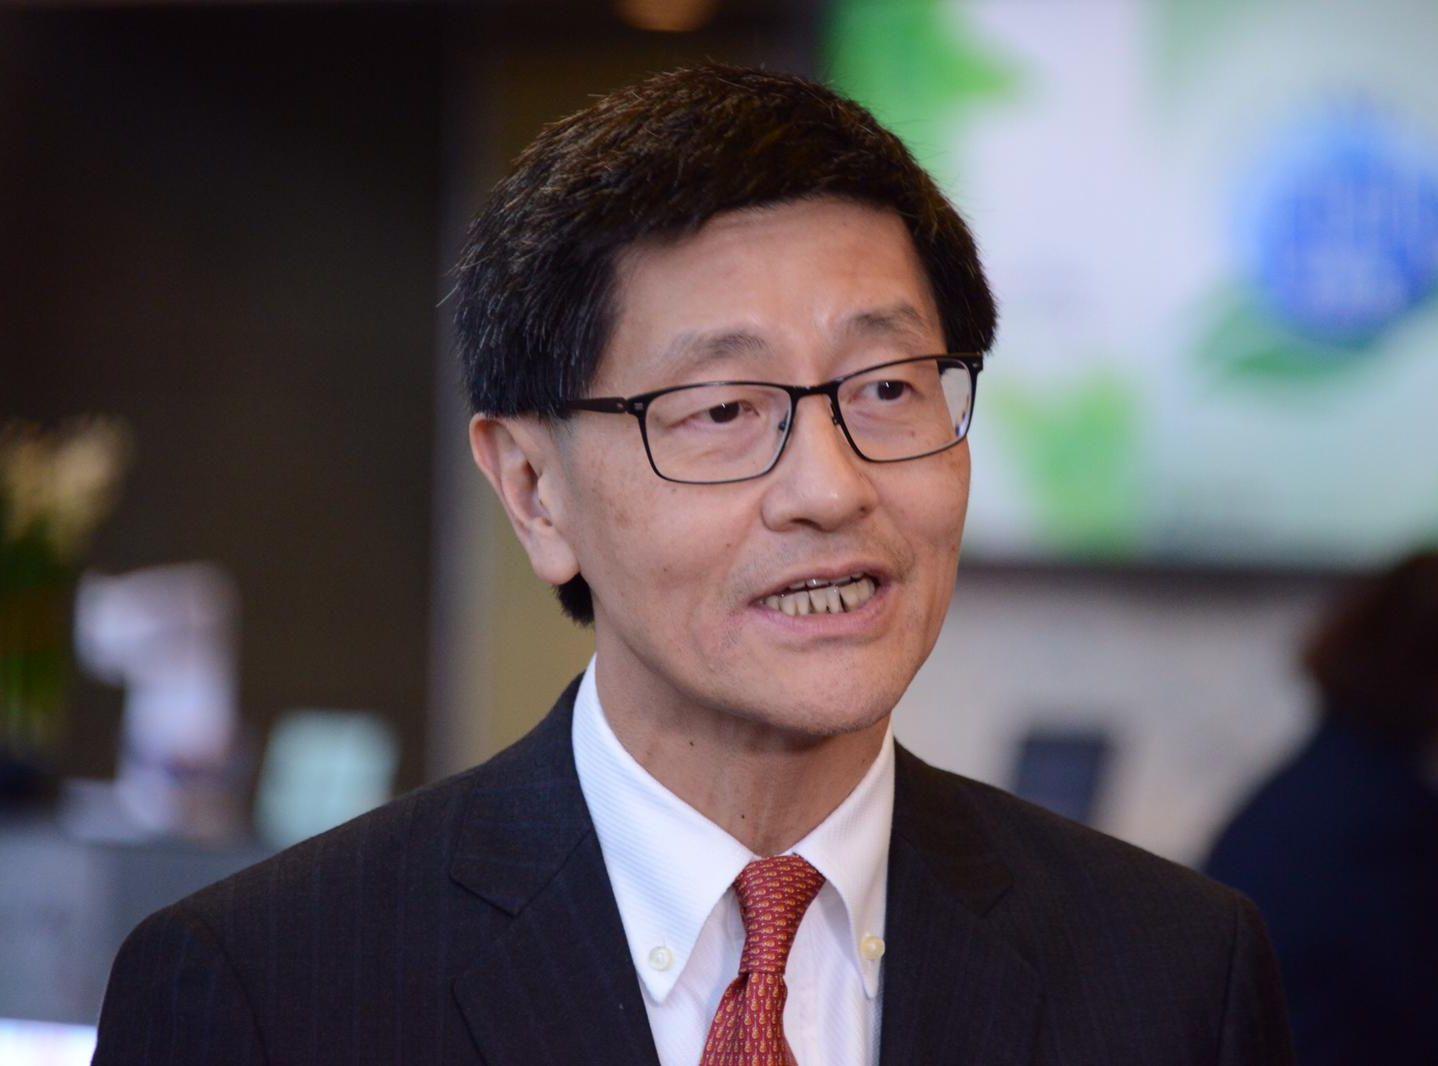 港鐵行政總裁梁國權強調,無證據顯示結構安全有問題。